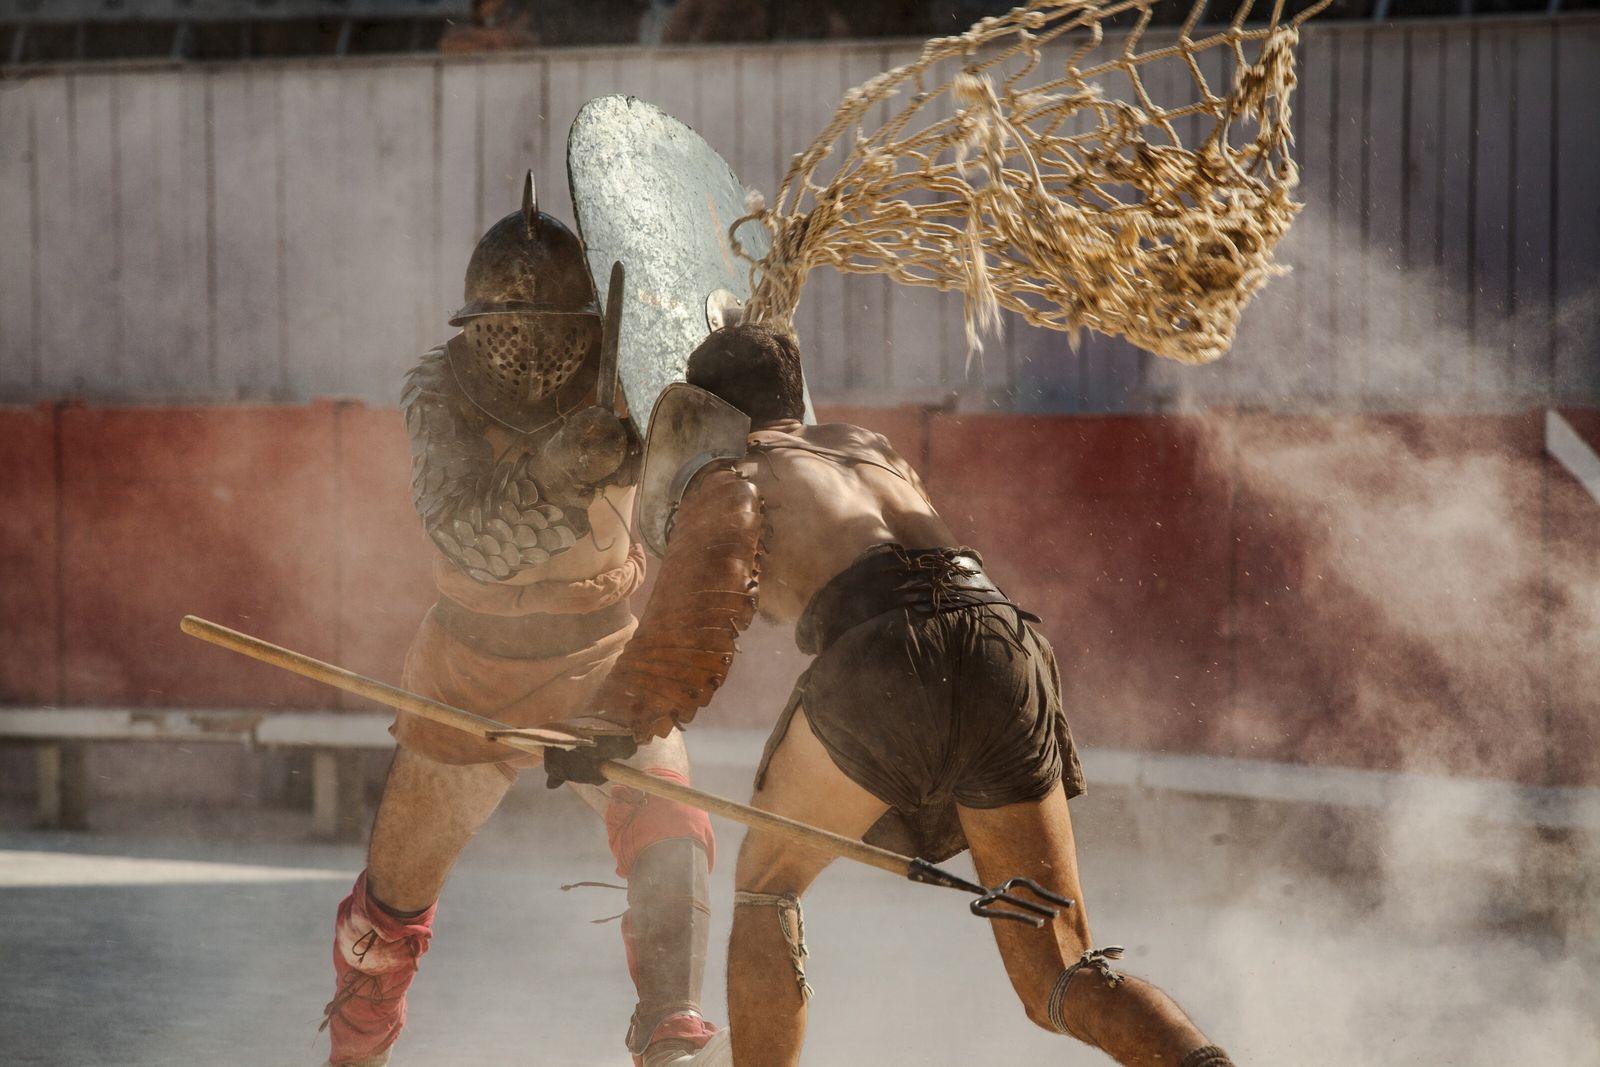 Gladiatoren waren nicht so, wie im Film dargestellt. Bei ihren Kämpfen ging es eher darum, ein ...